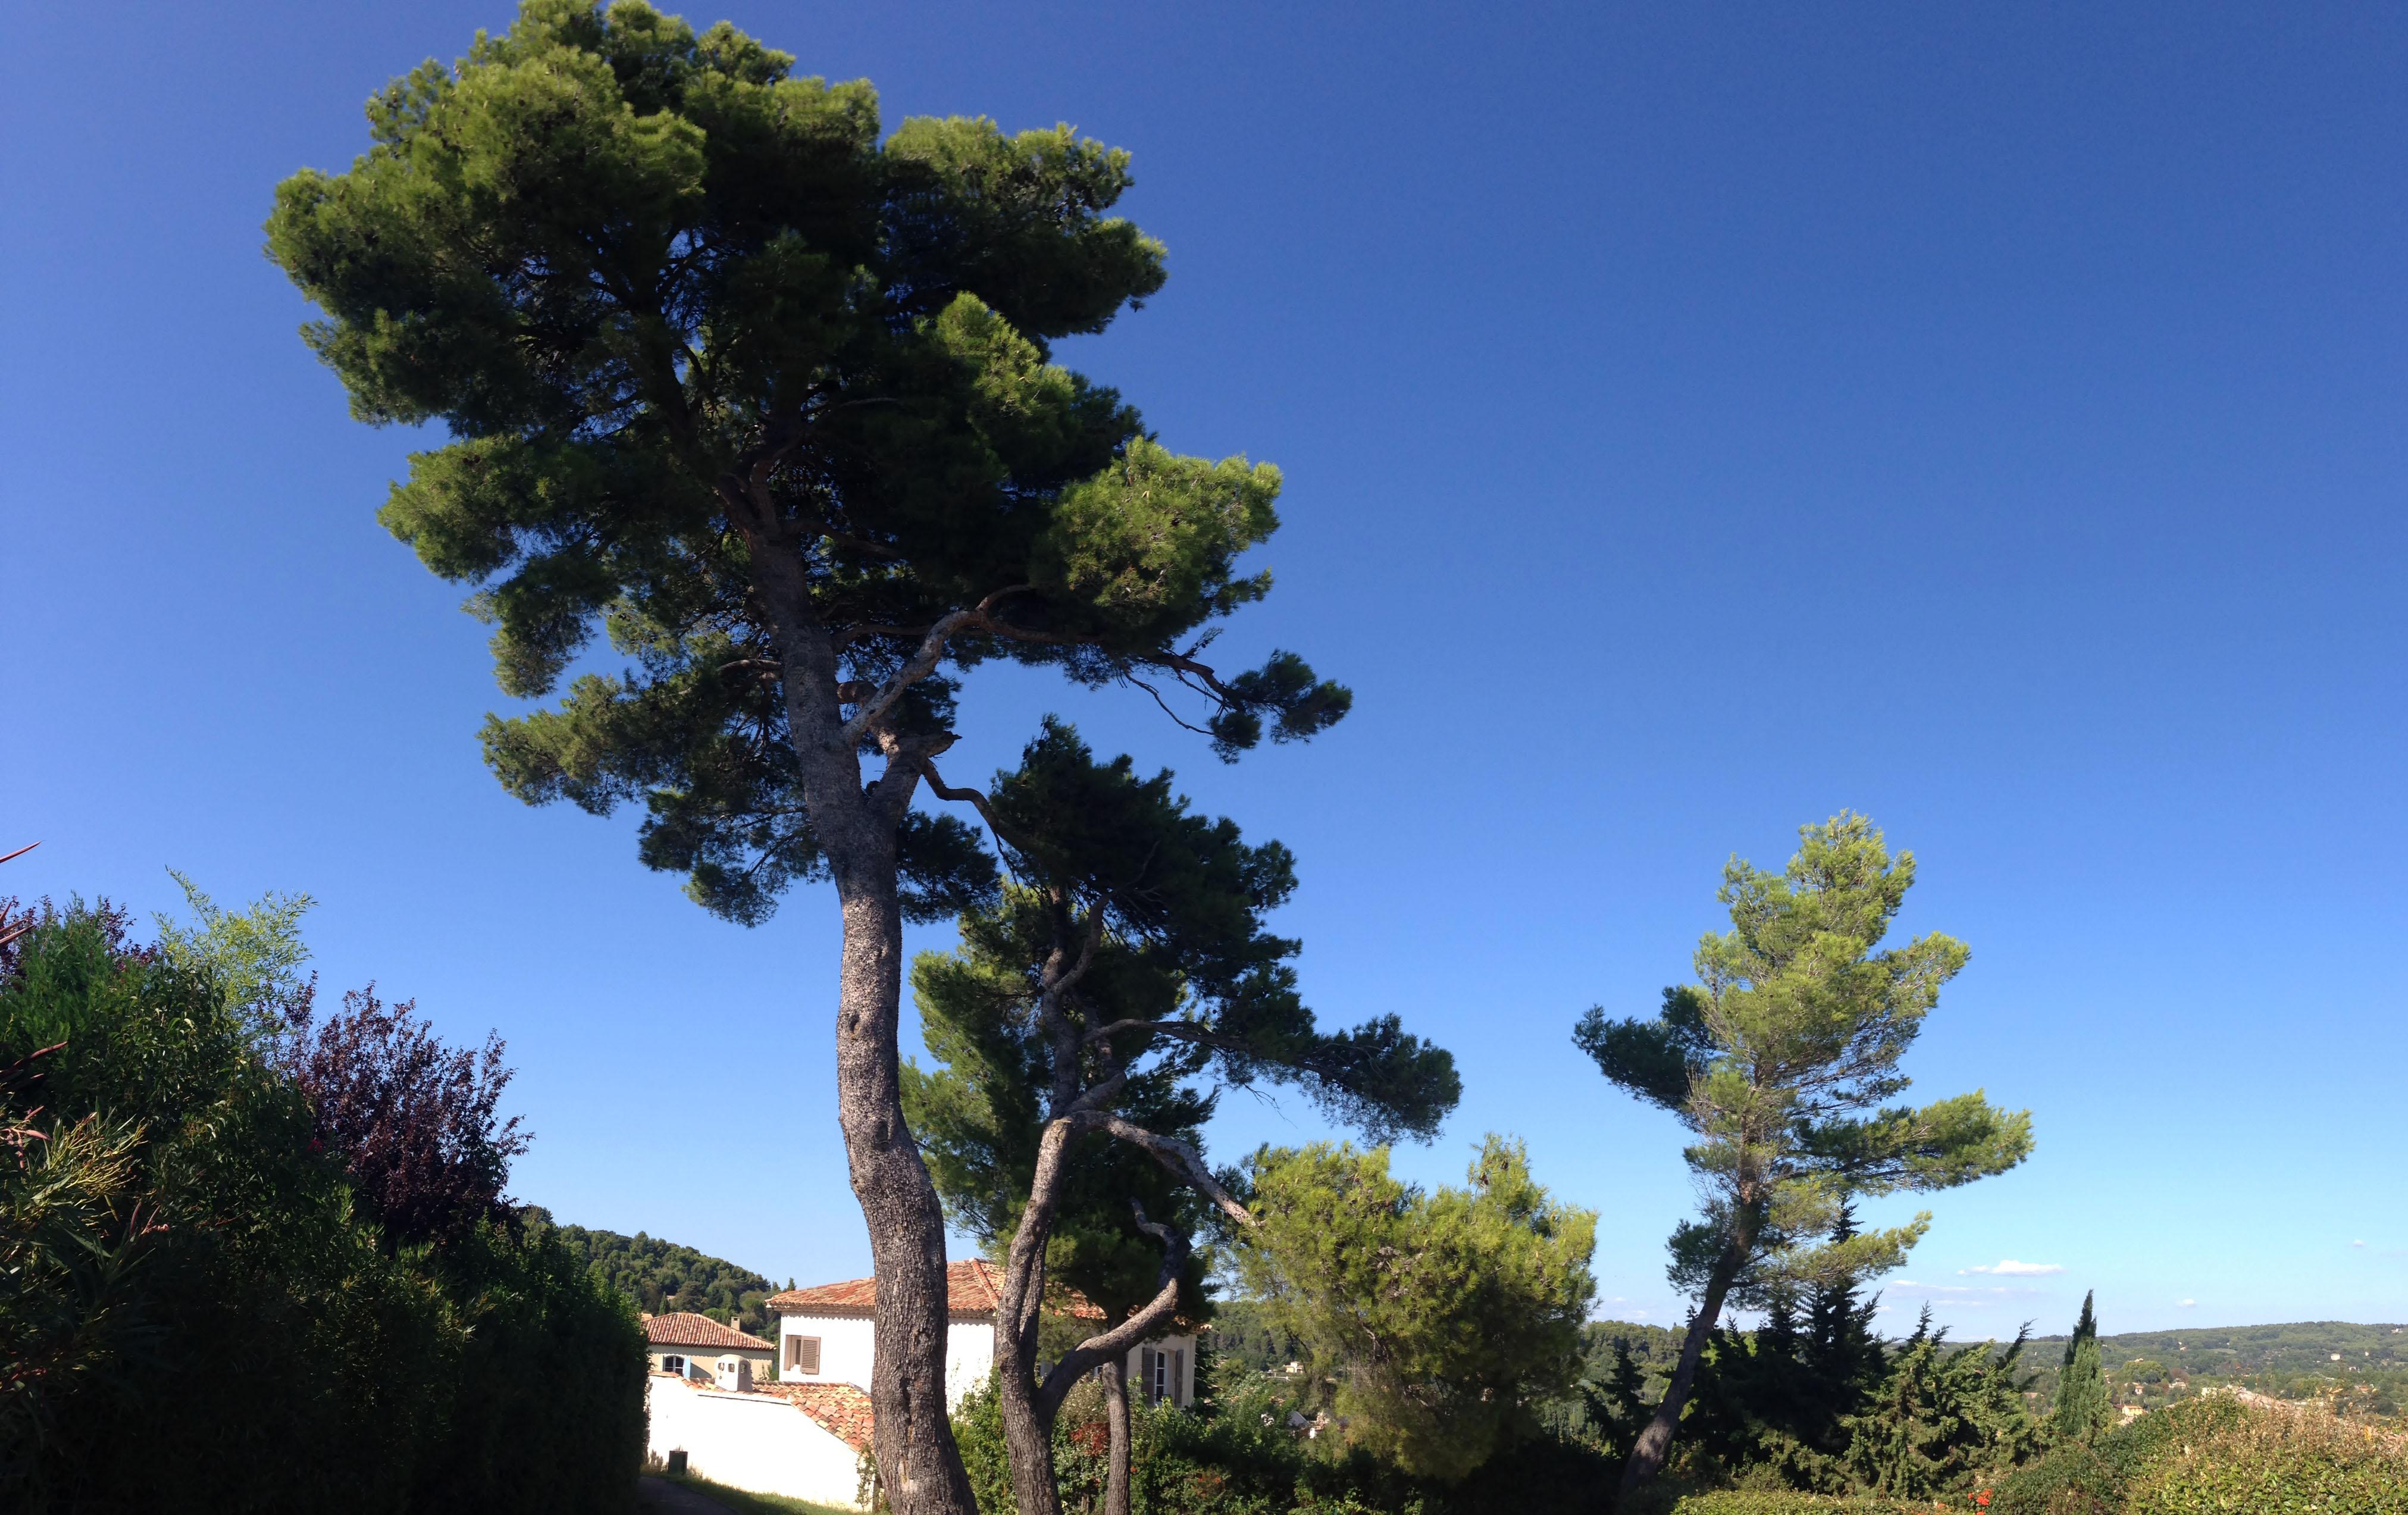 Пейзажи природы Поль Сезанн картины гора Сент Викутар Альберт Сафиуллин